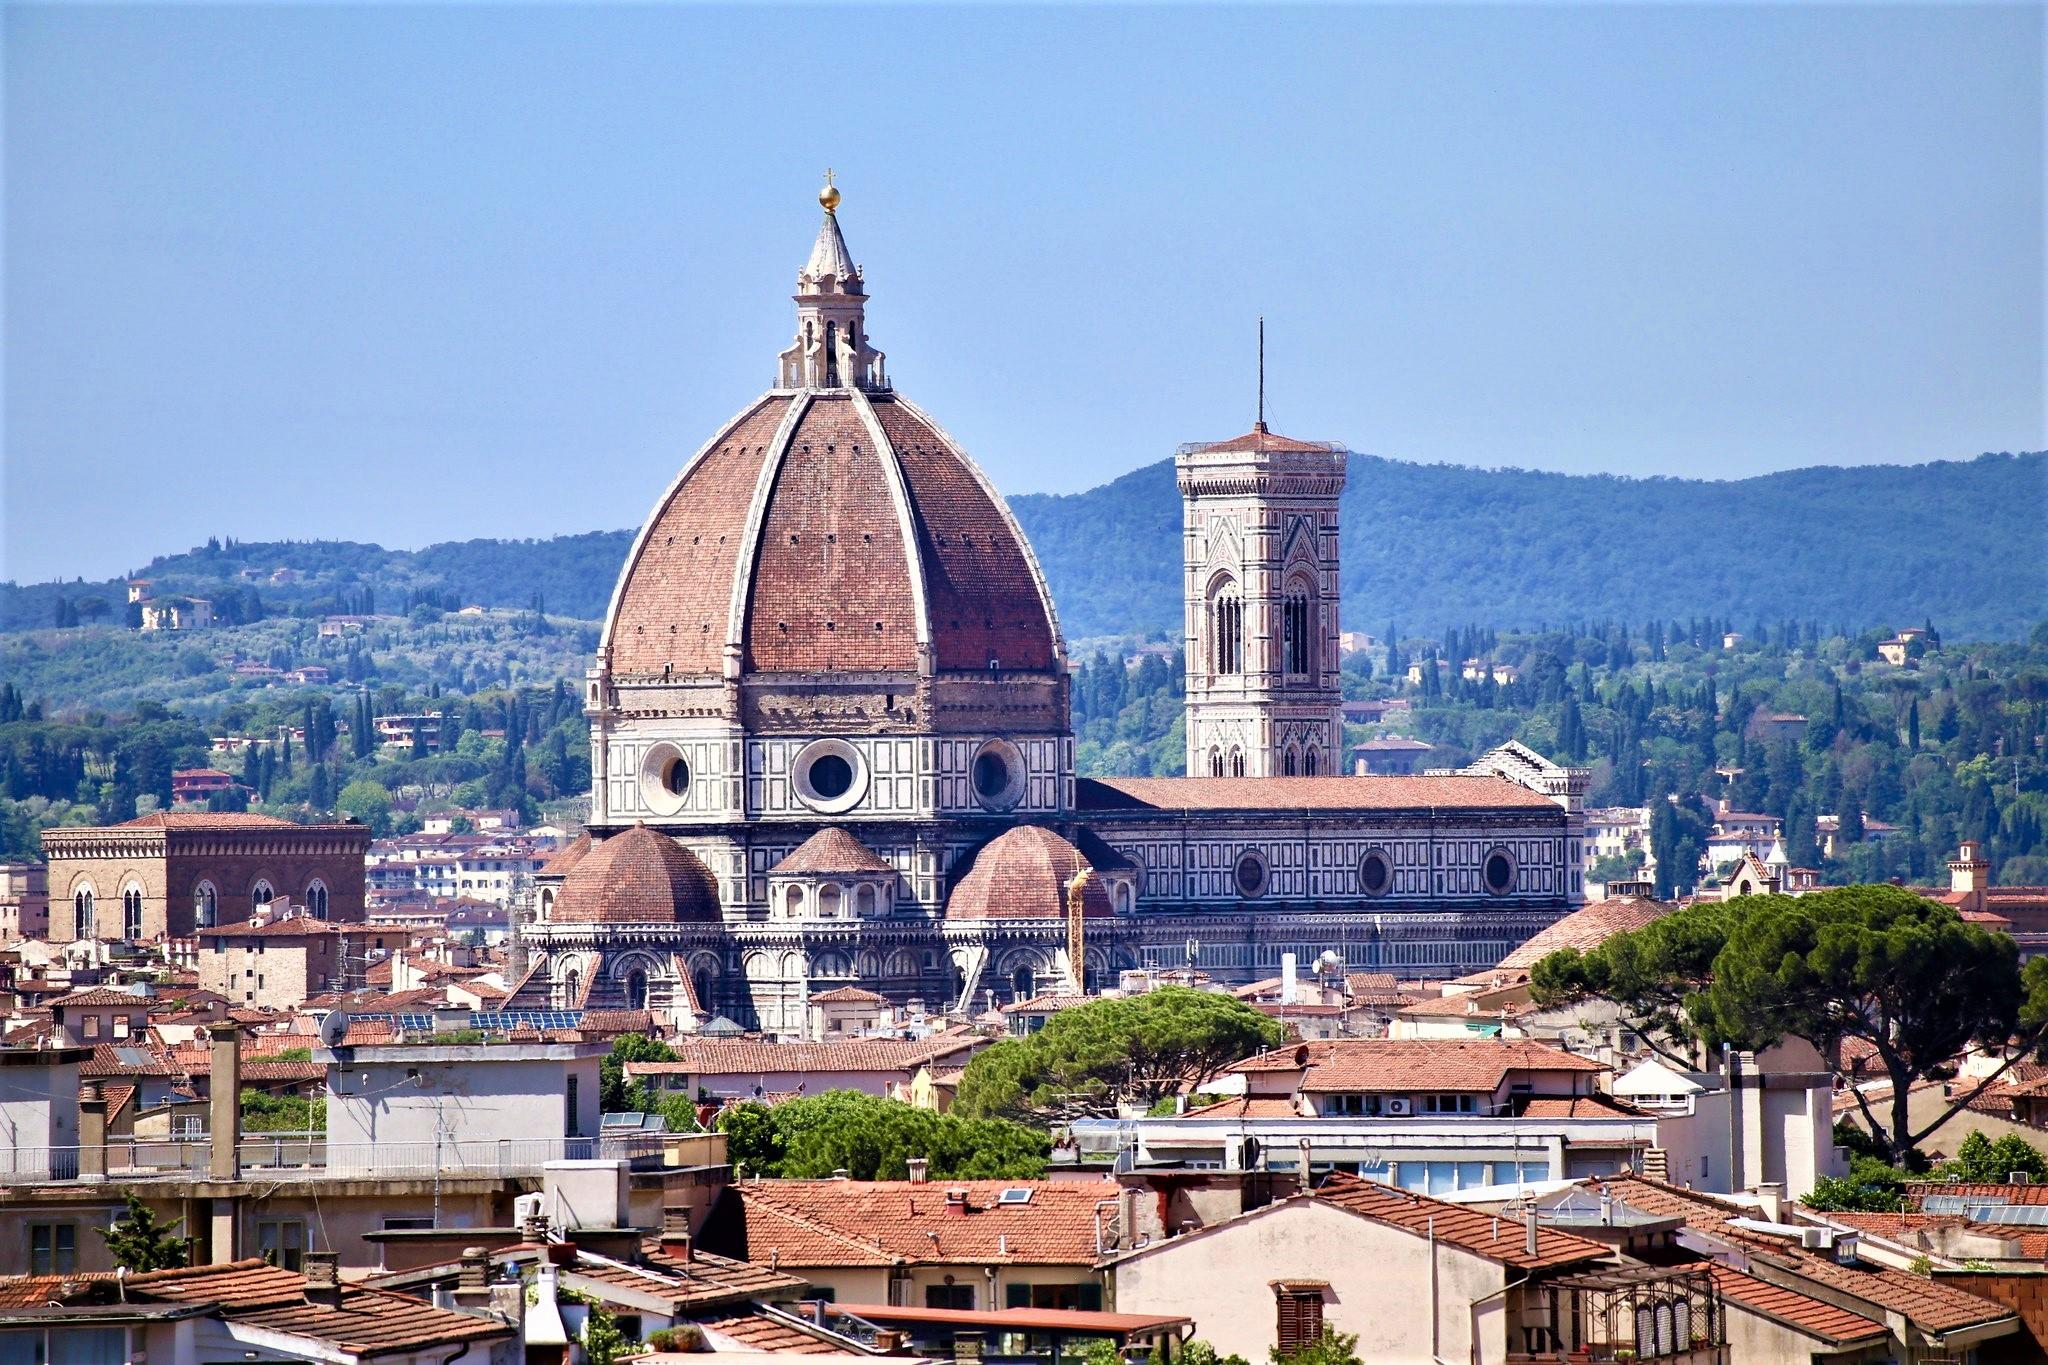 turismo sostenibile - Firenze